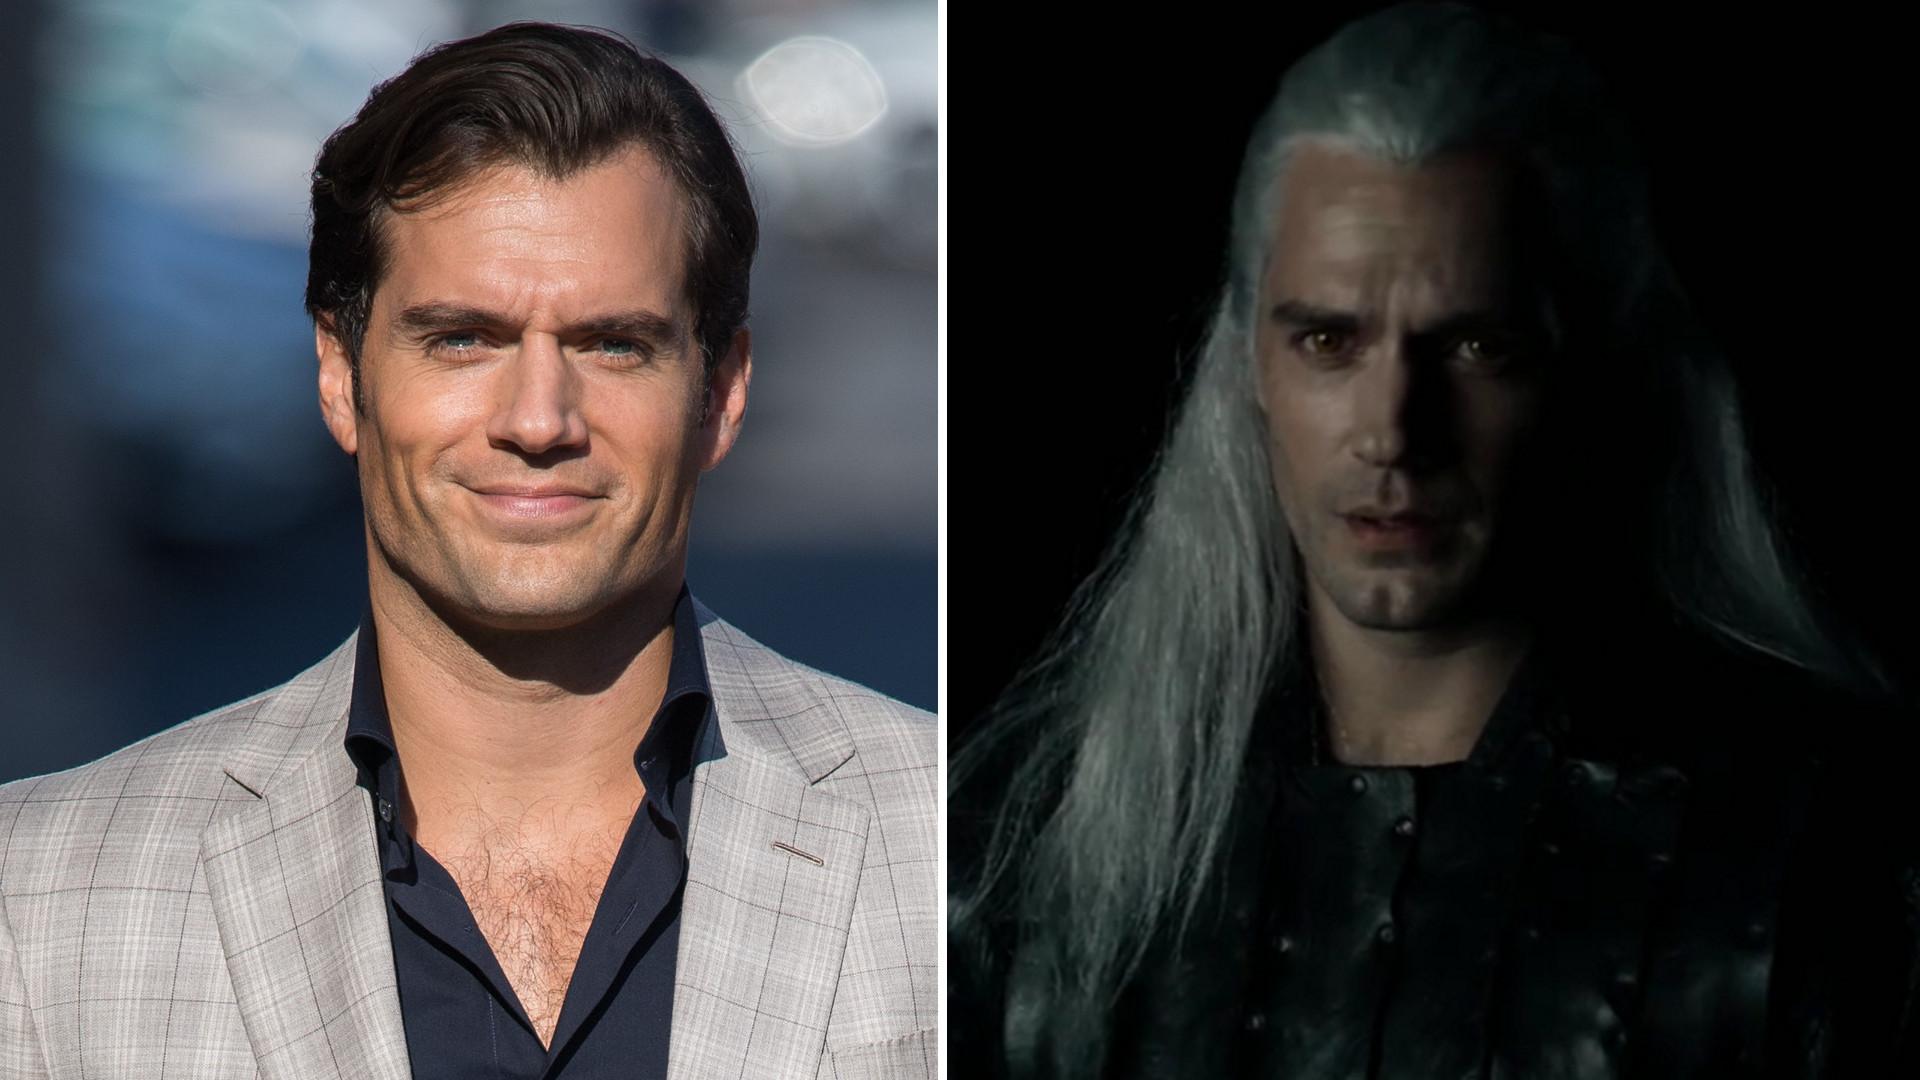 Nie wszystkim podoba się Henry Cavill w roli Geralta z Rivii z Wiedźmina